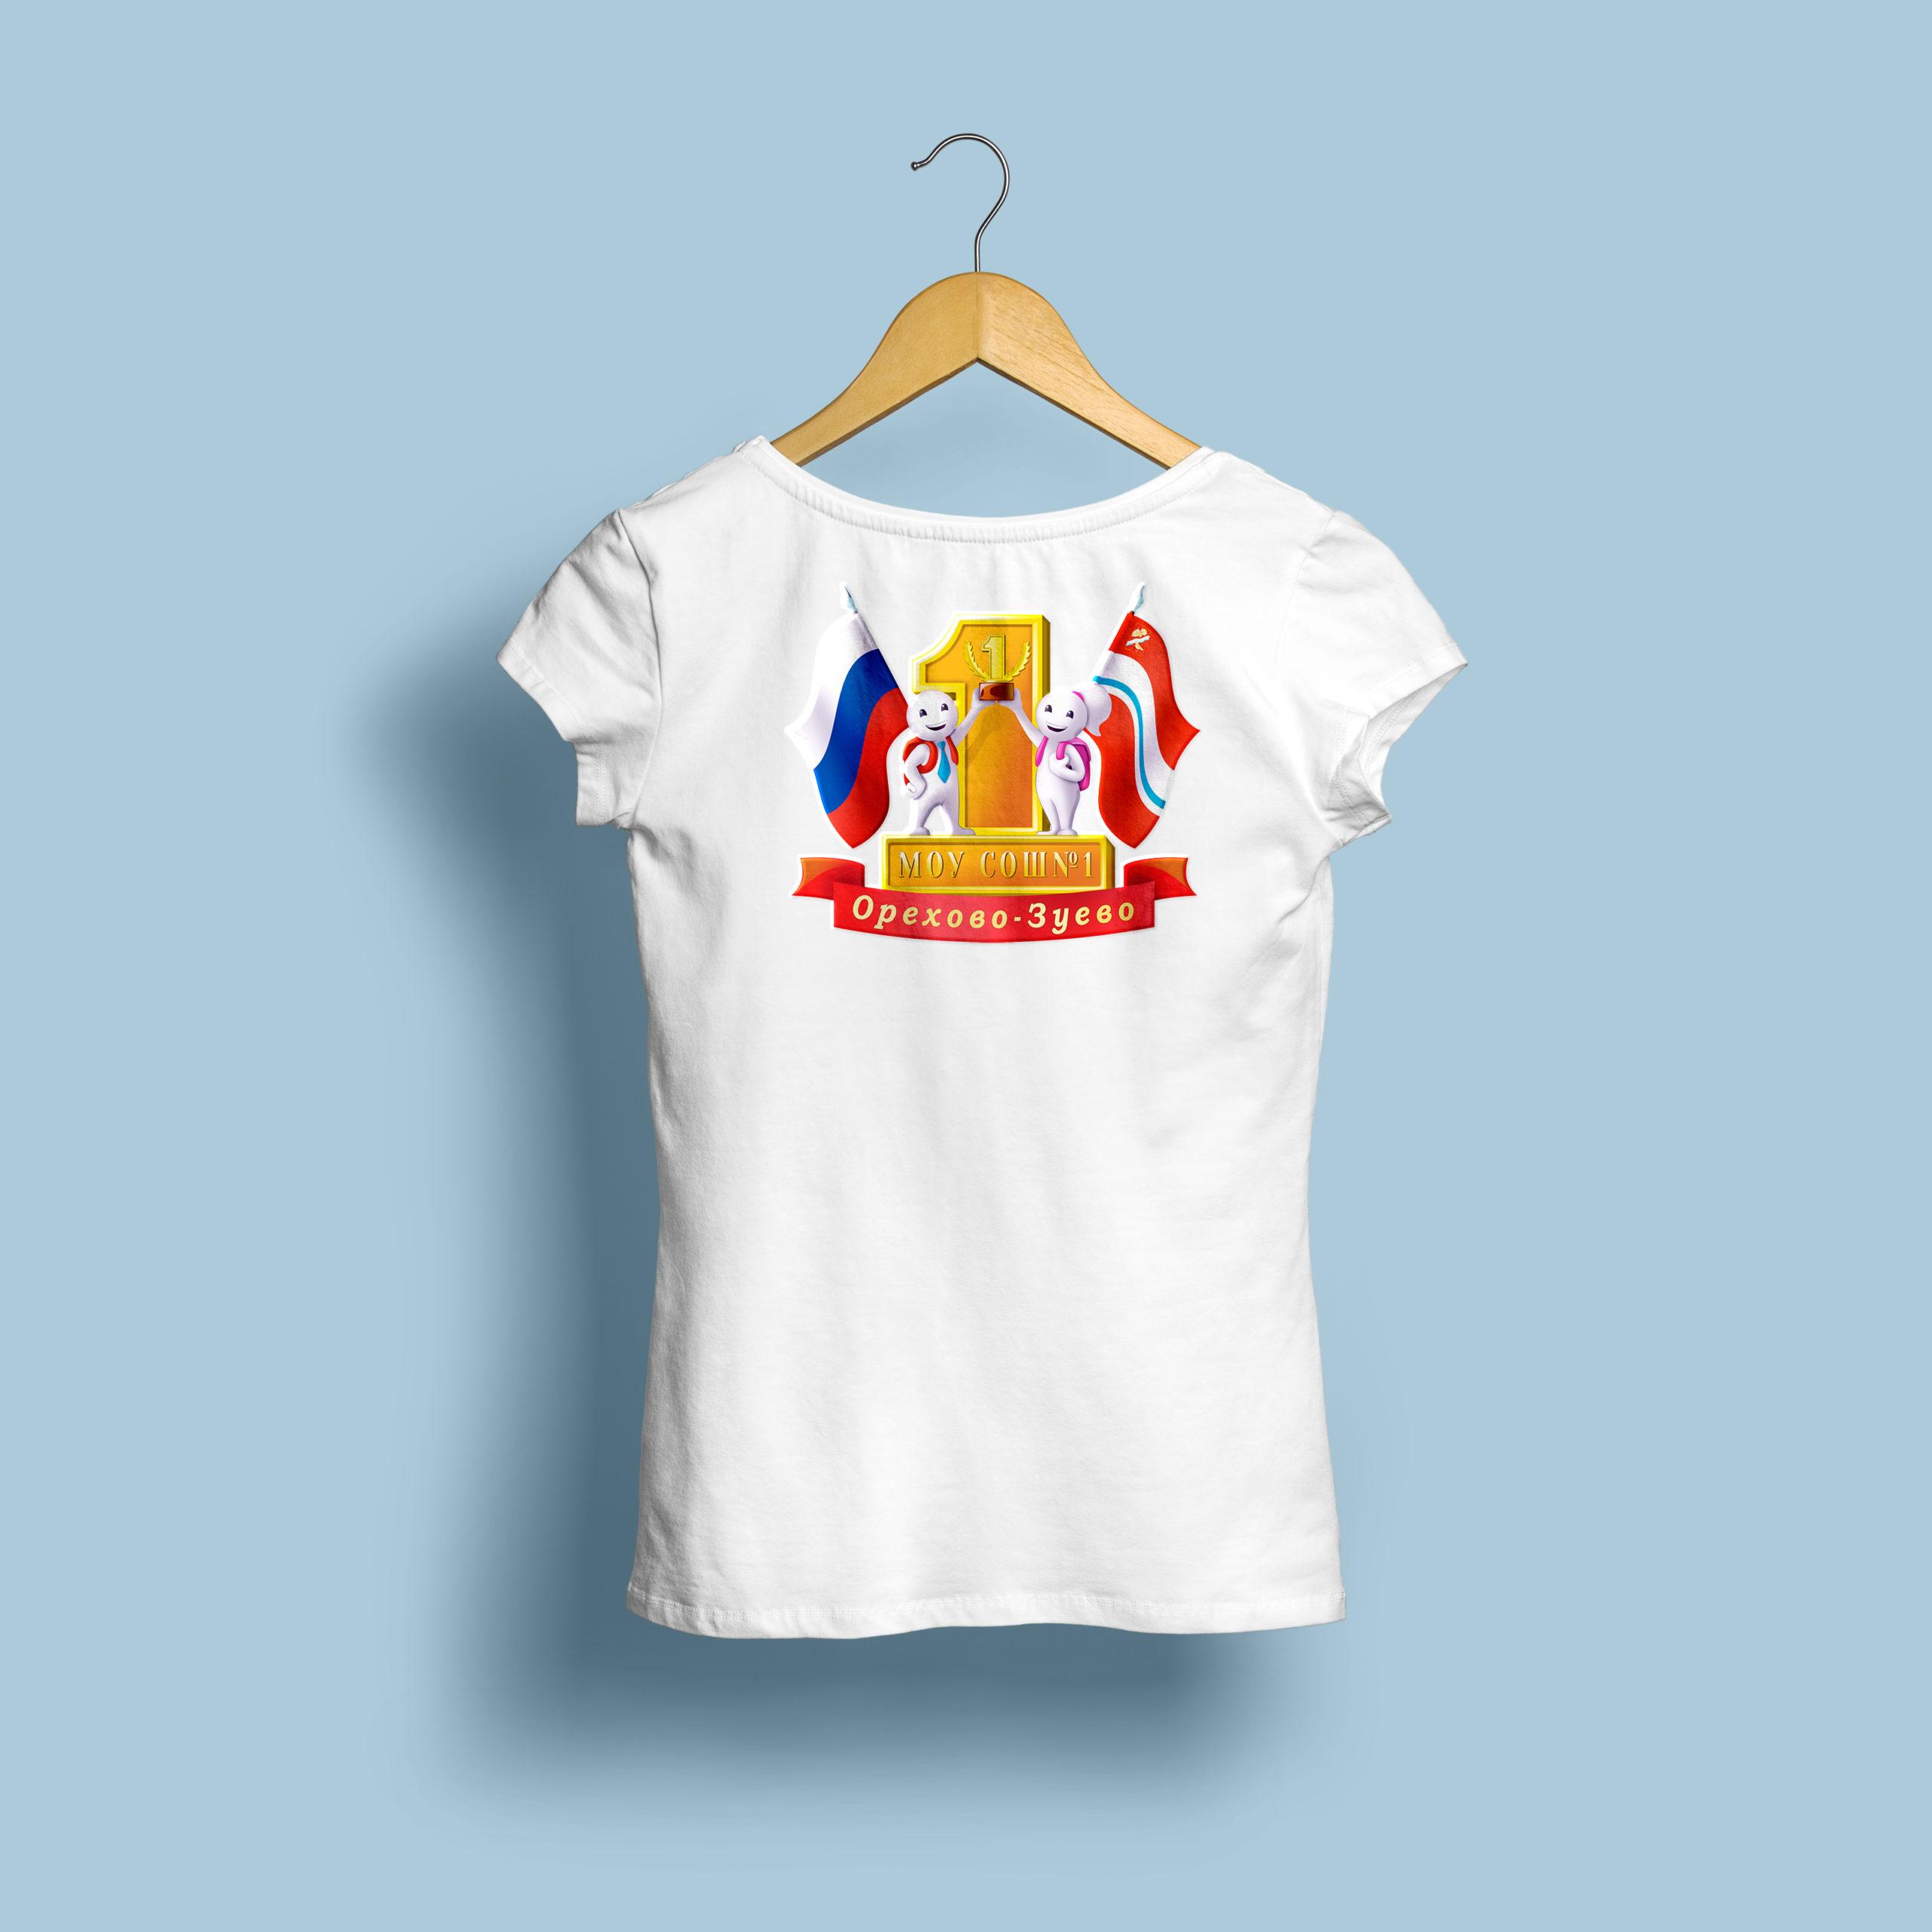 футболка с эмблемой школы